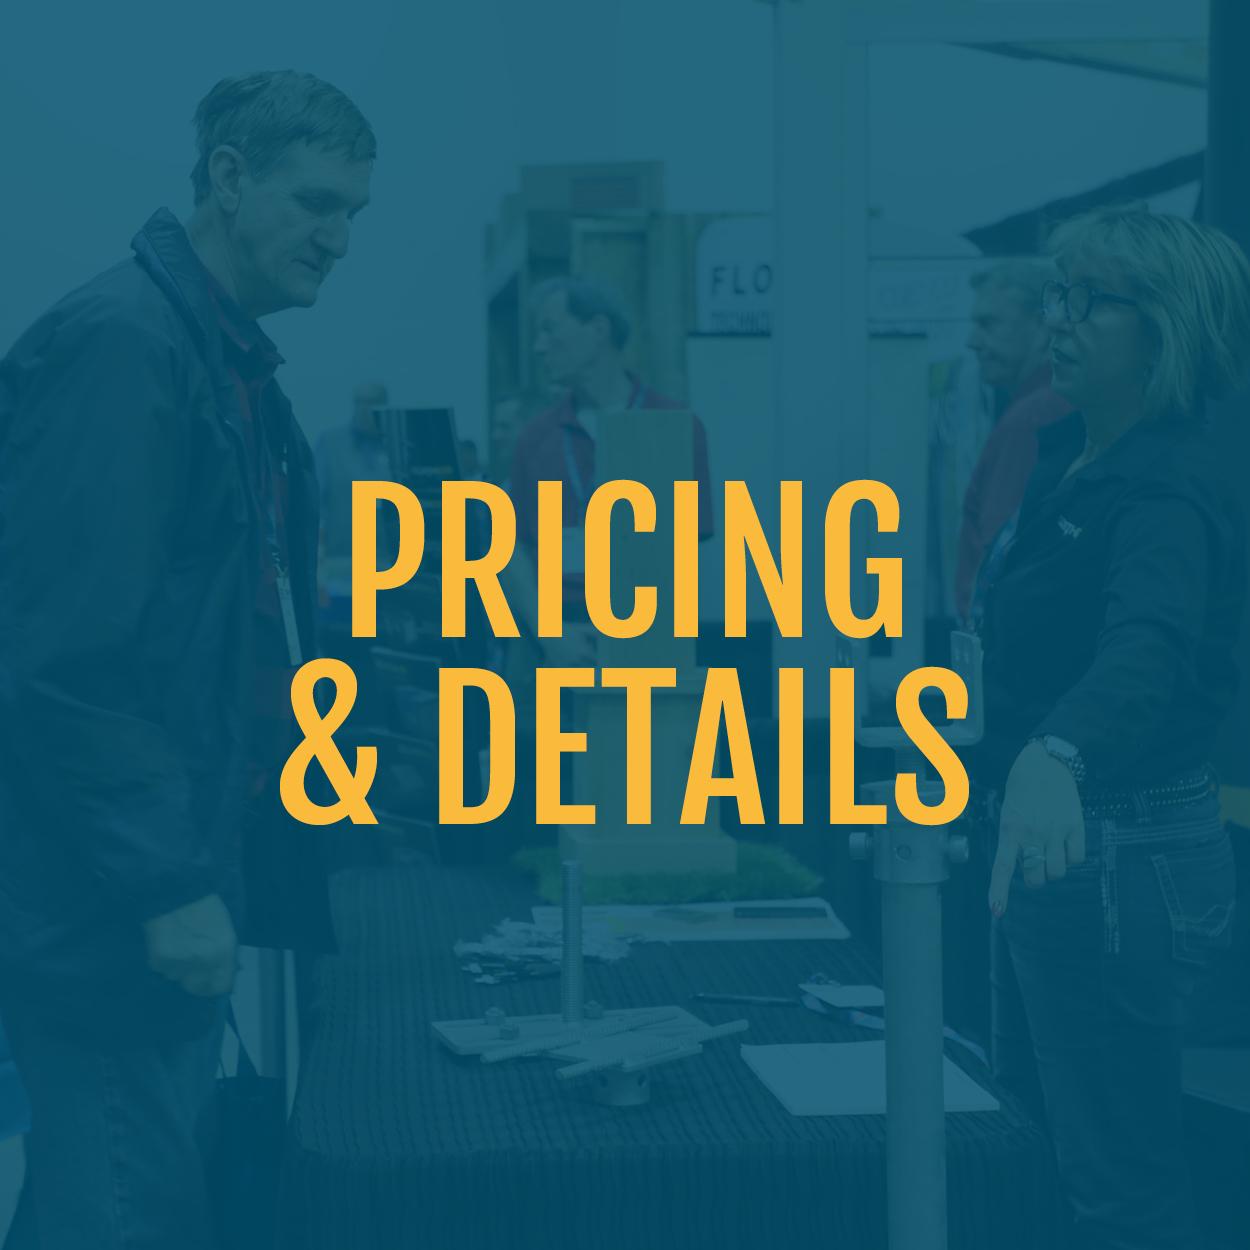 Pricing Details-Blue.jpg